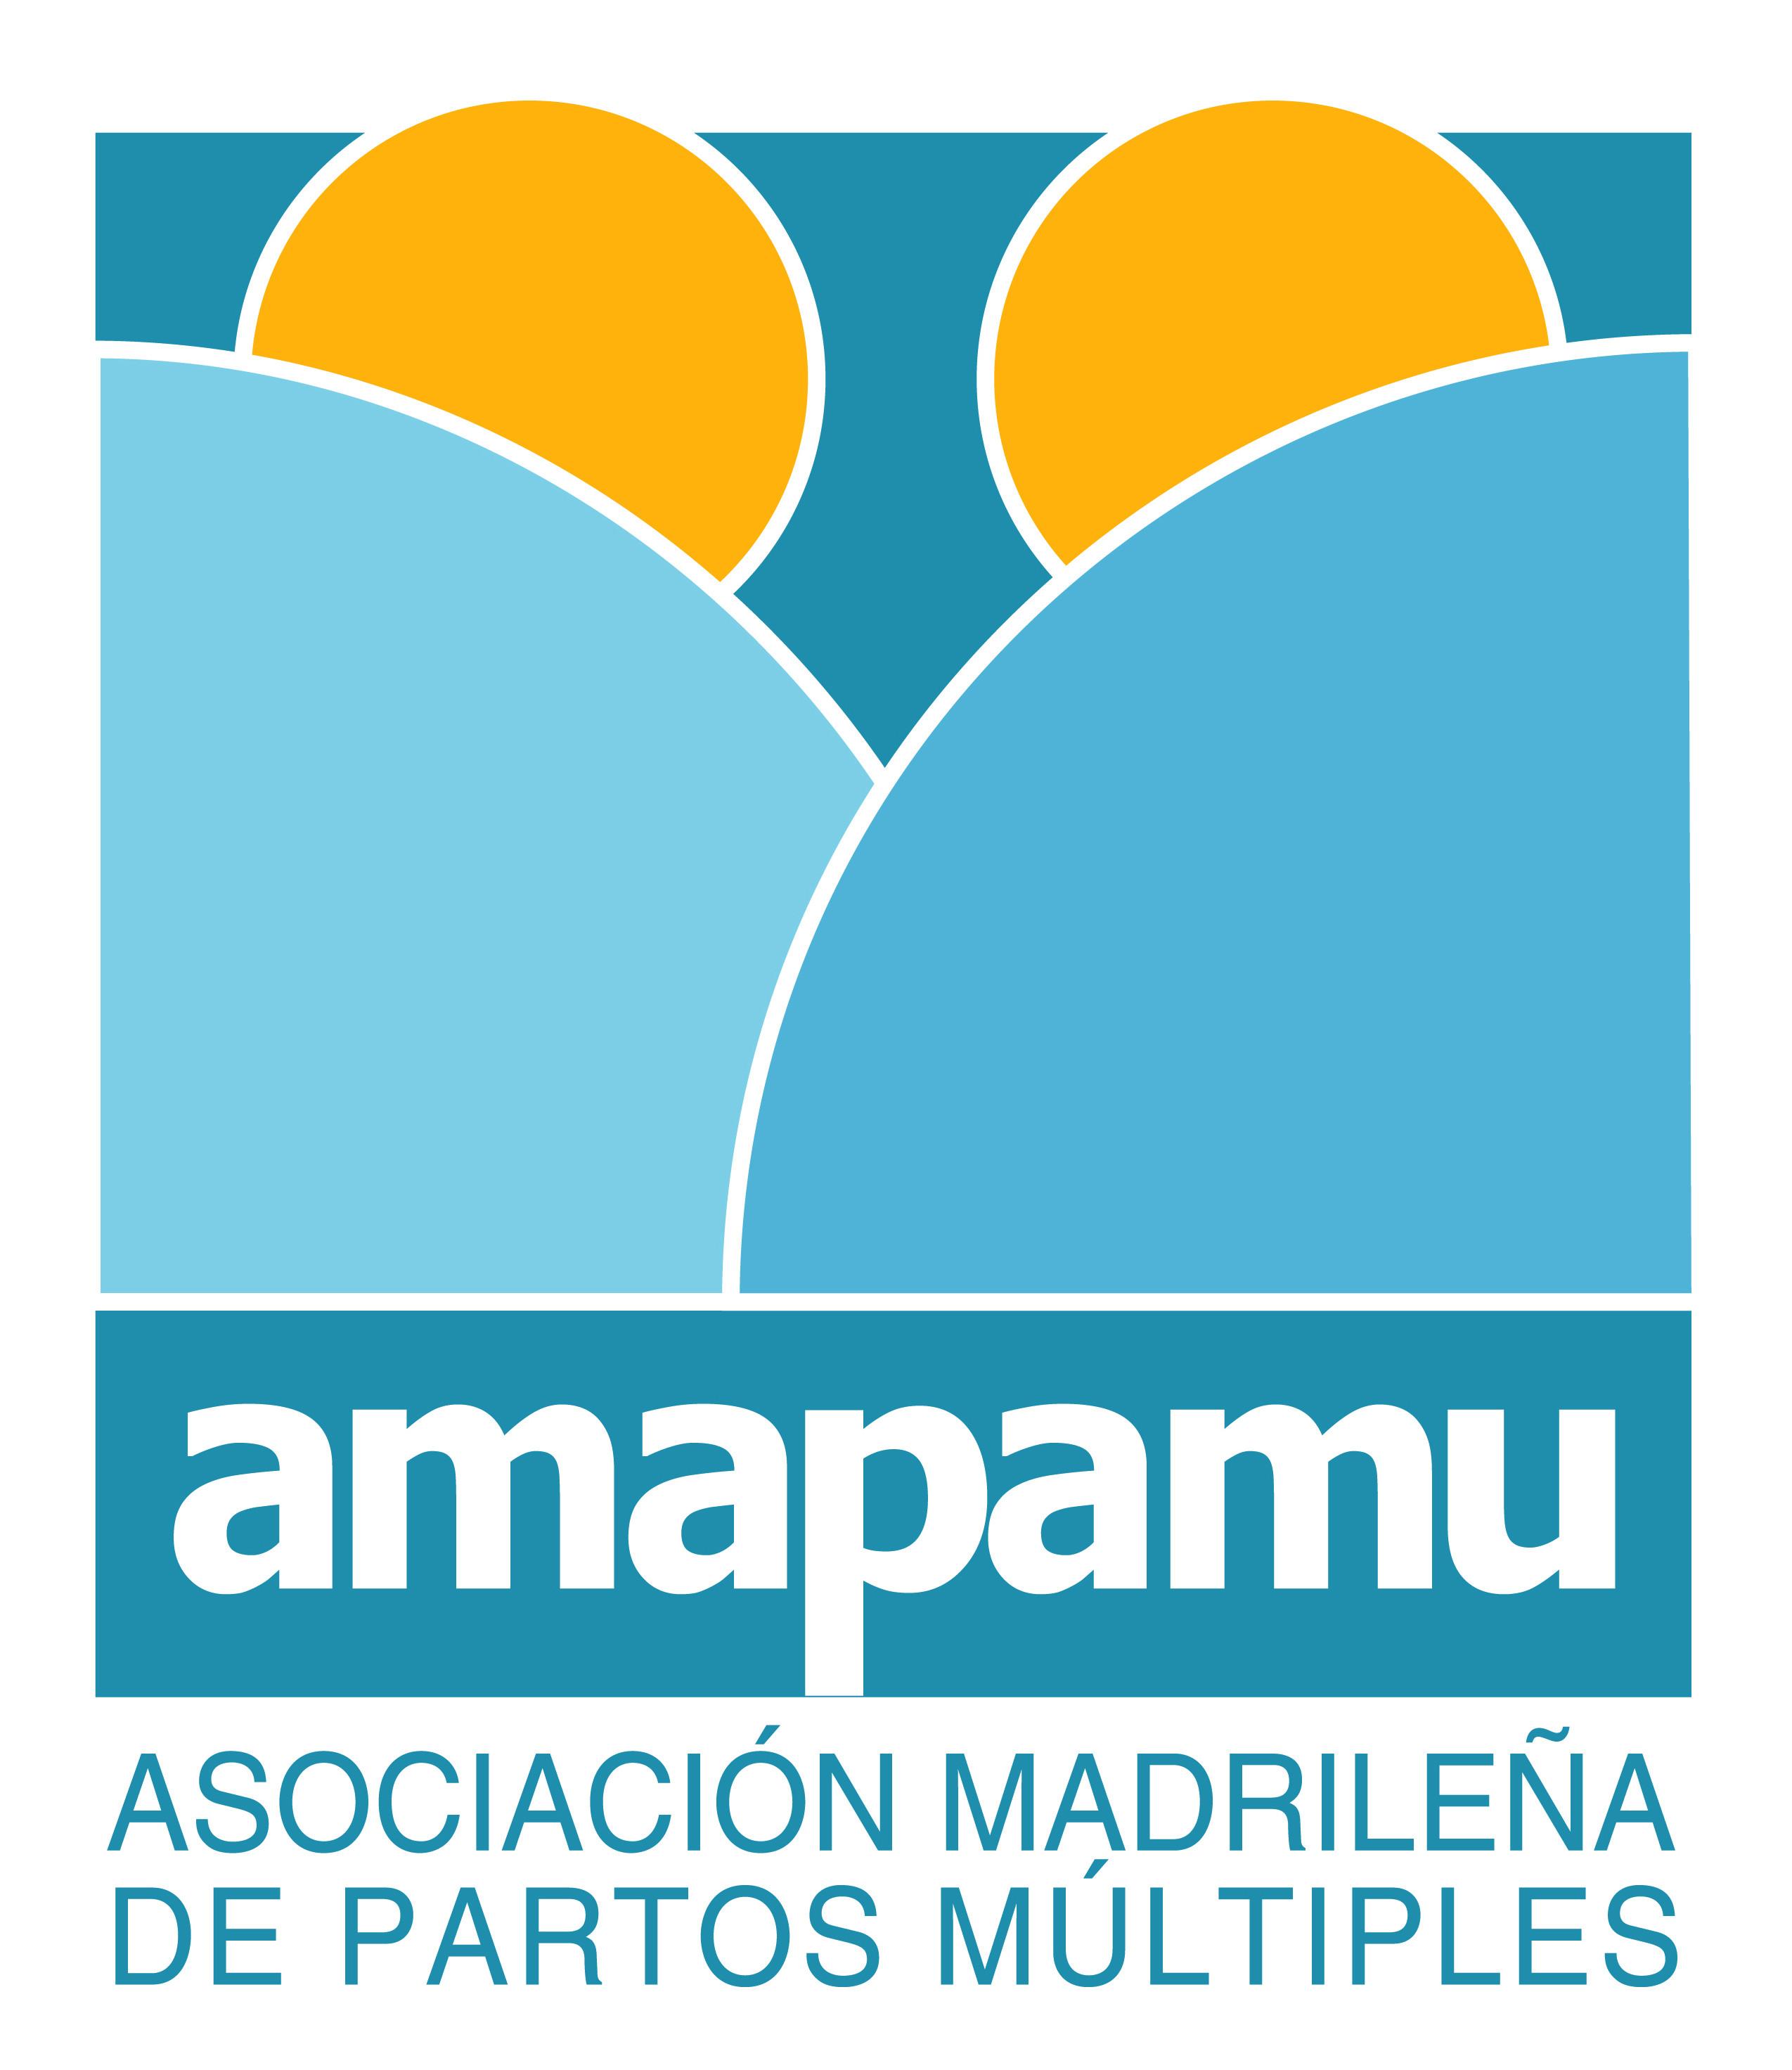 AMAPAMU